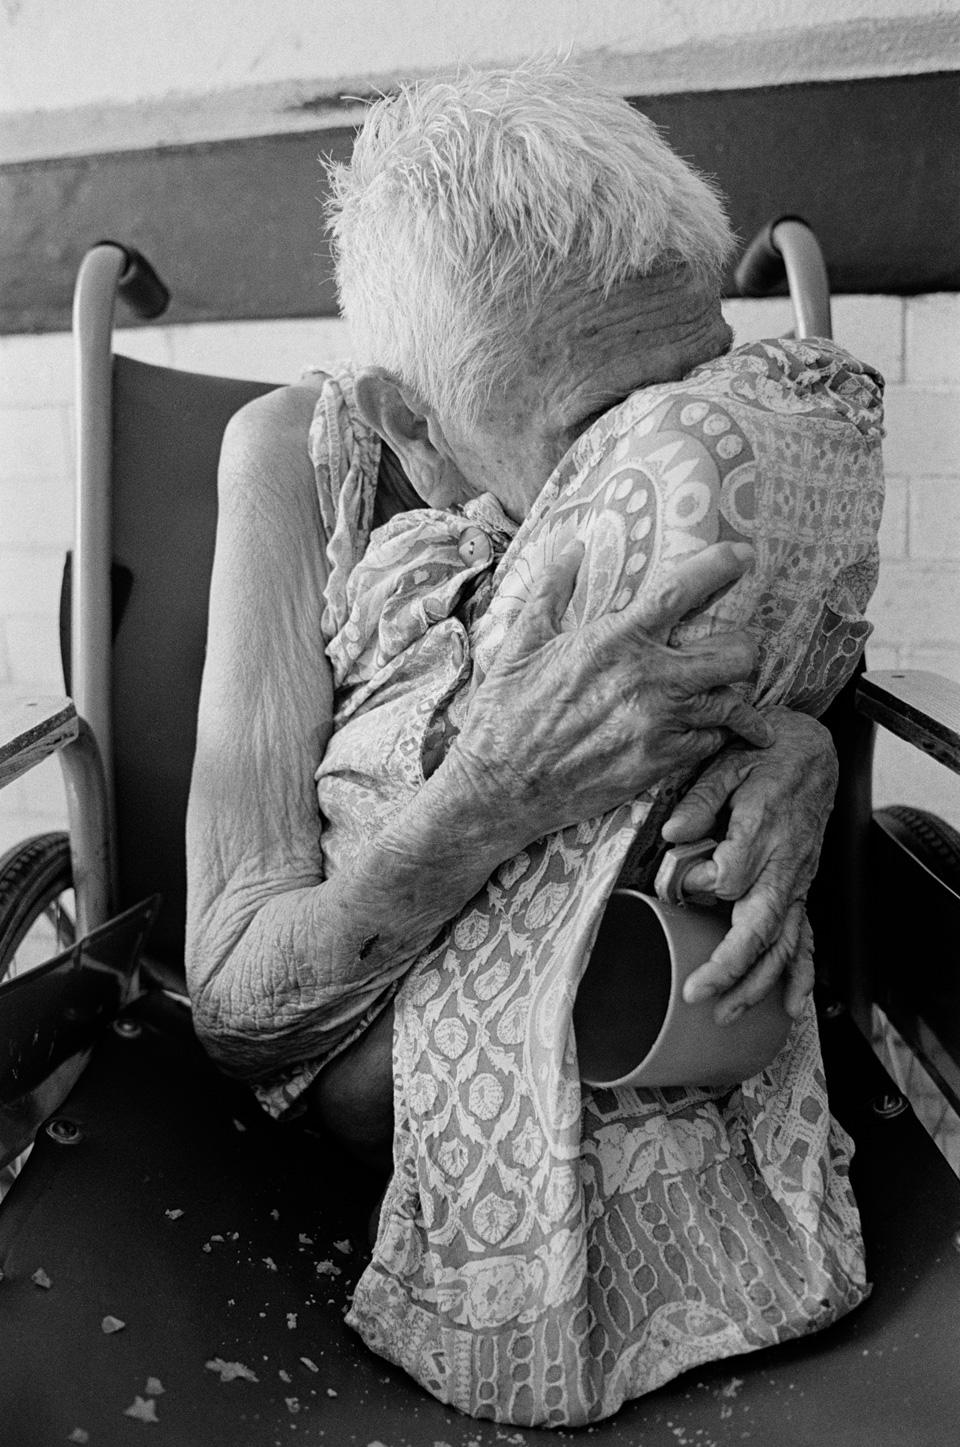 Mother jones photo essay